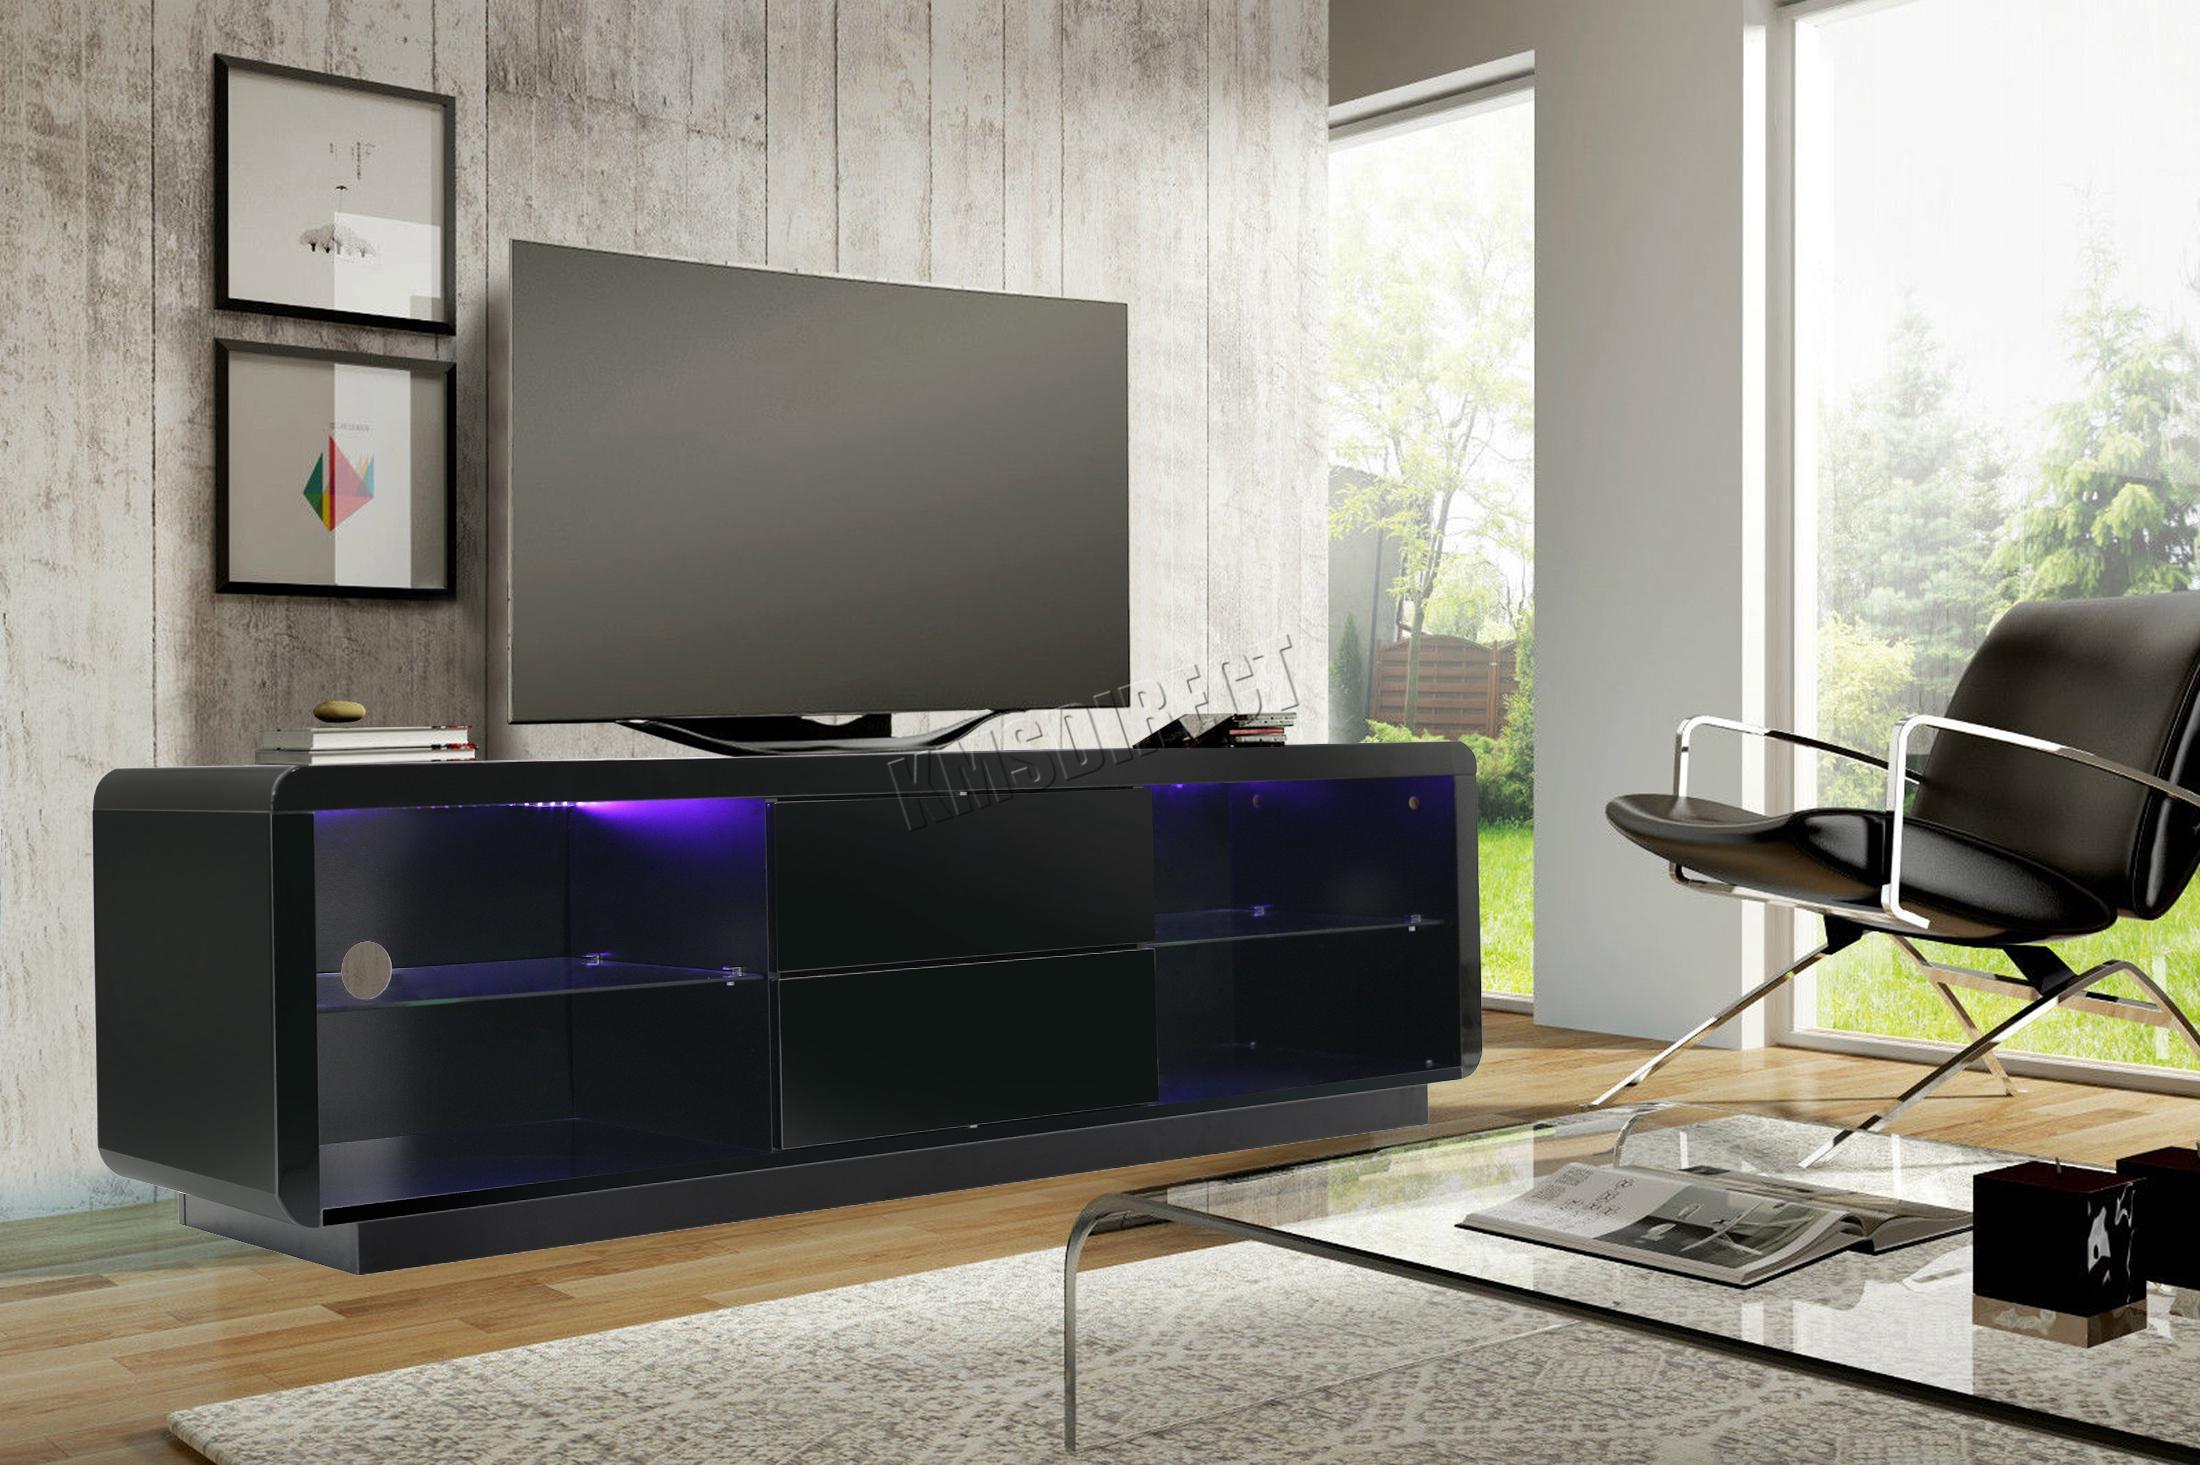 FoxHunter Modern High Gloss Matt TV Cabinet Unit Stand Home RGB ...